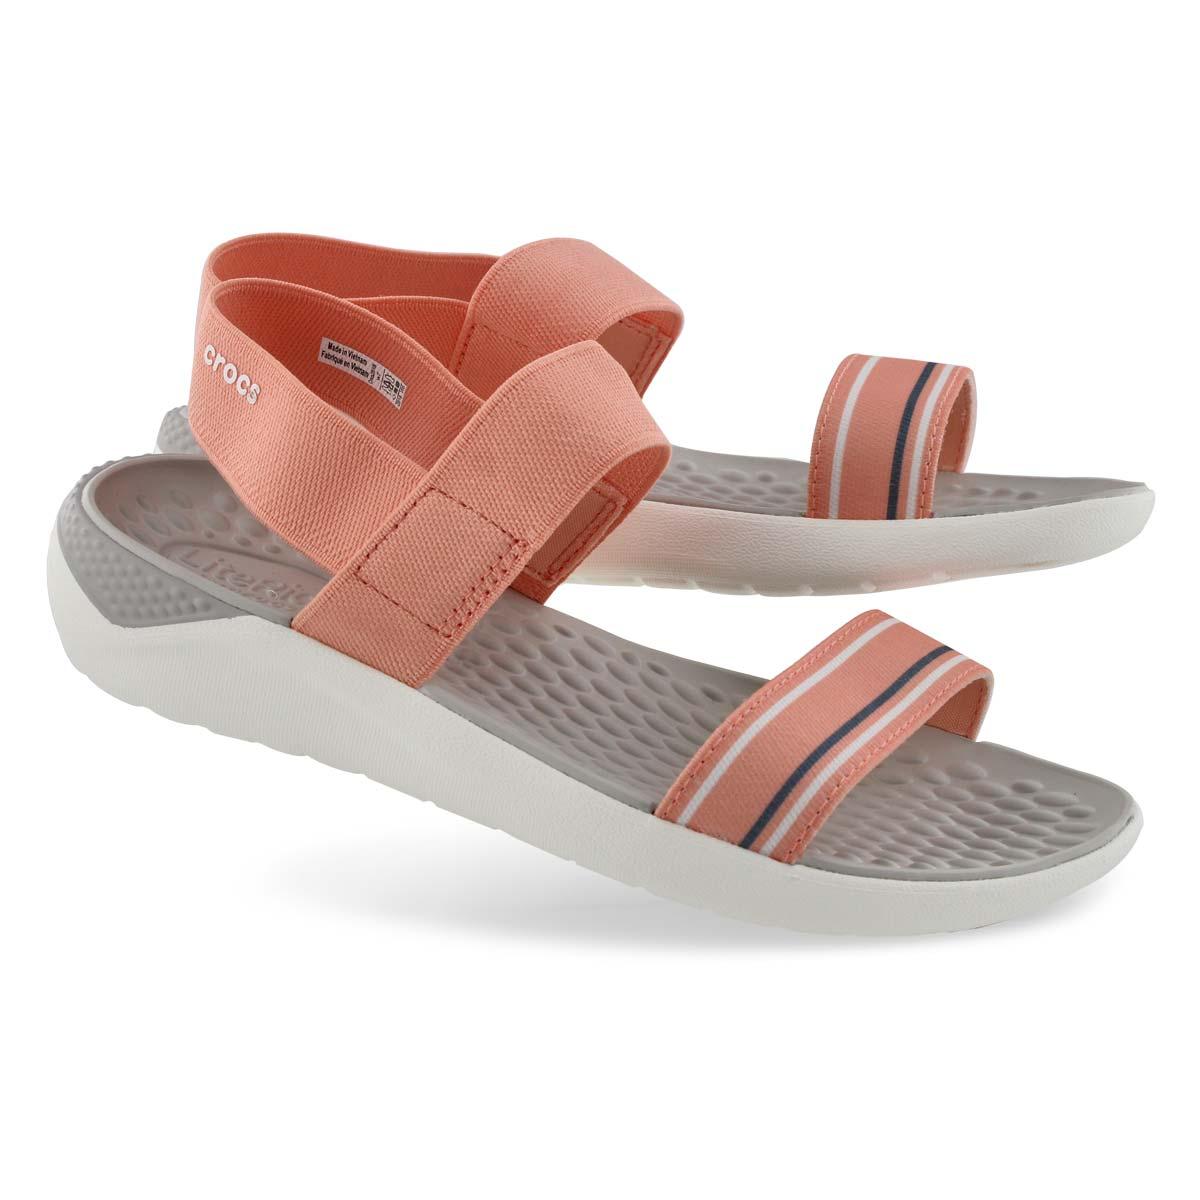 Sandale décont.LiteRide,melon/blanc,fem